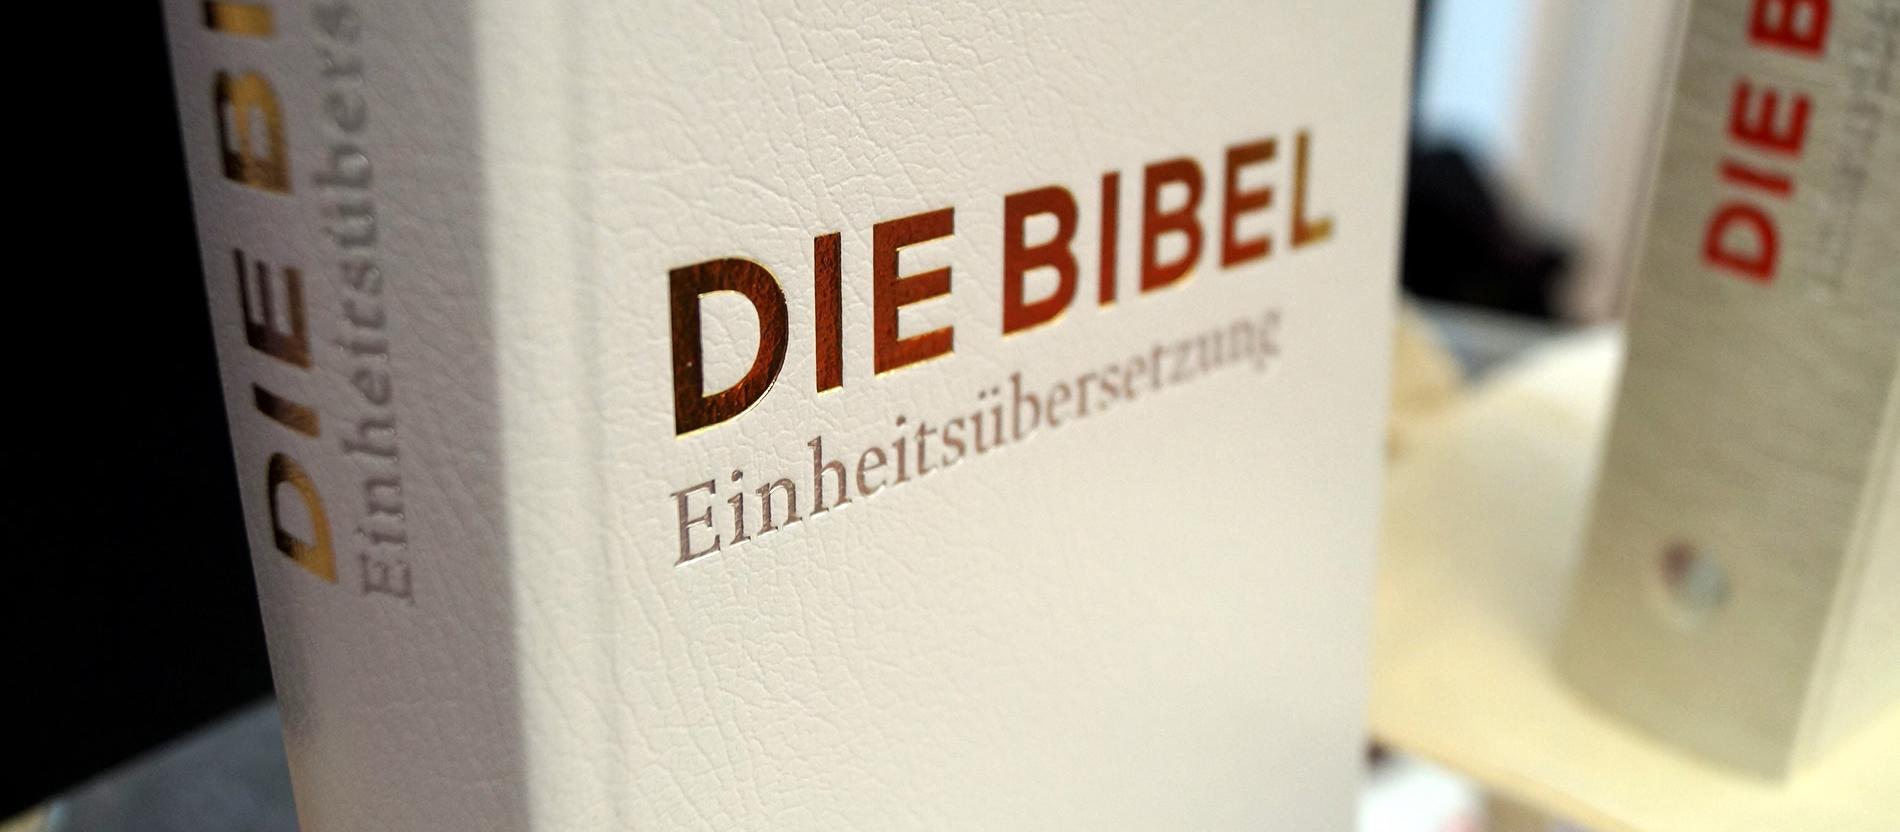 Wie ich die Bibel richtig lese - katholisch.de